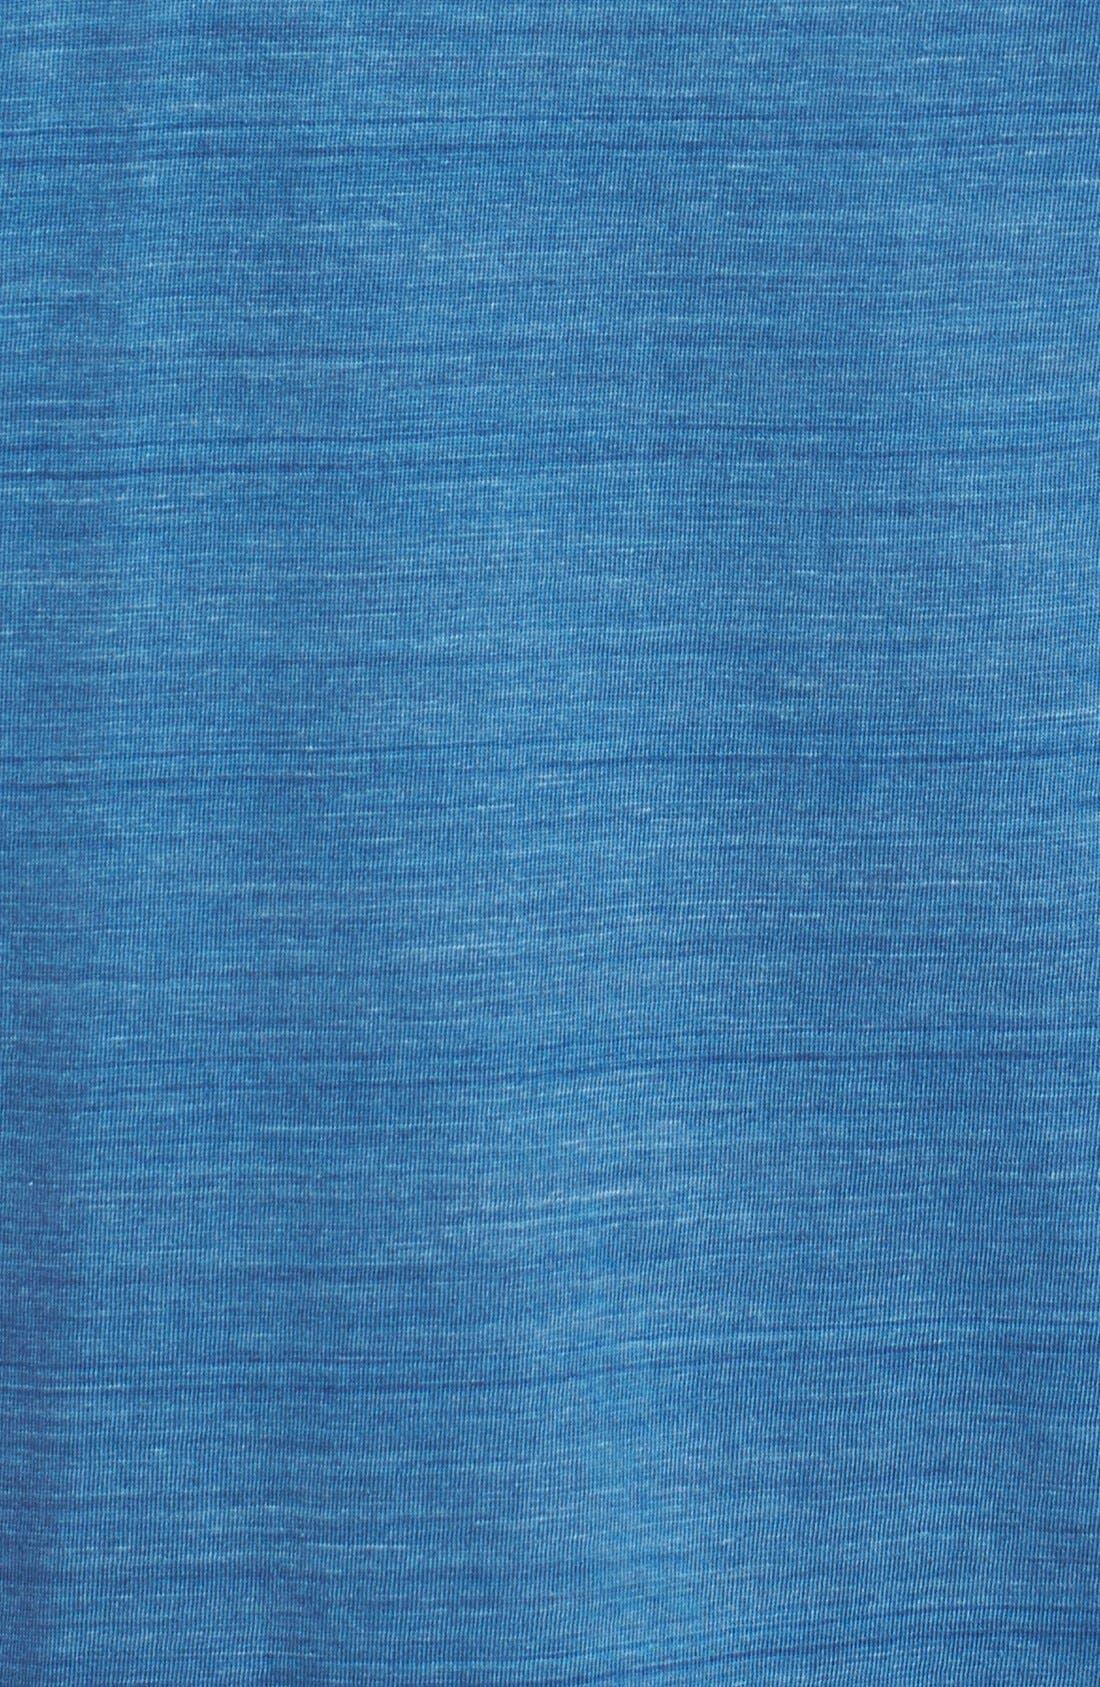 Alternate Image 3  - Tailor Vintage Regular Fit Piqué Cotton Polo